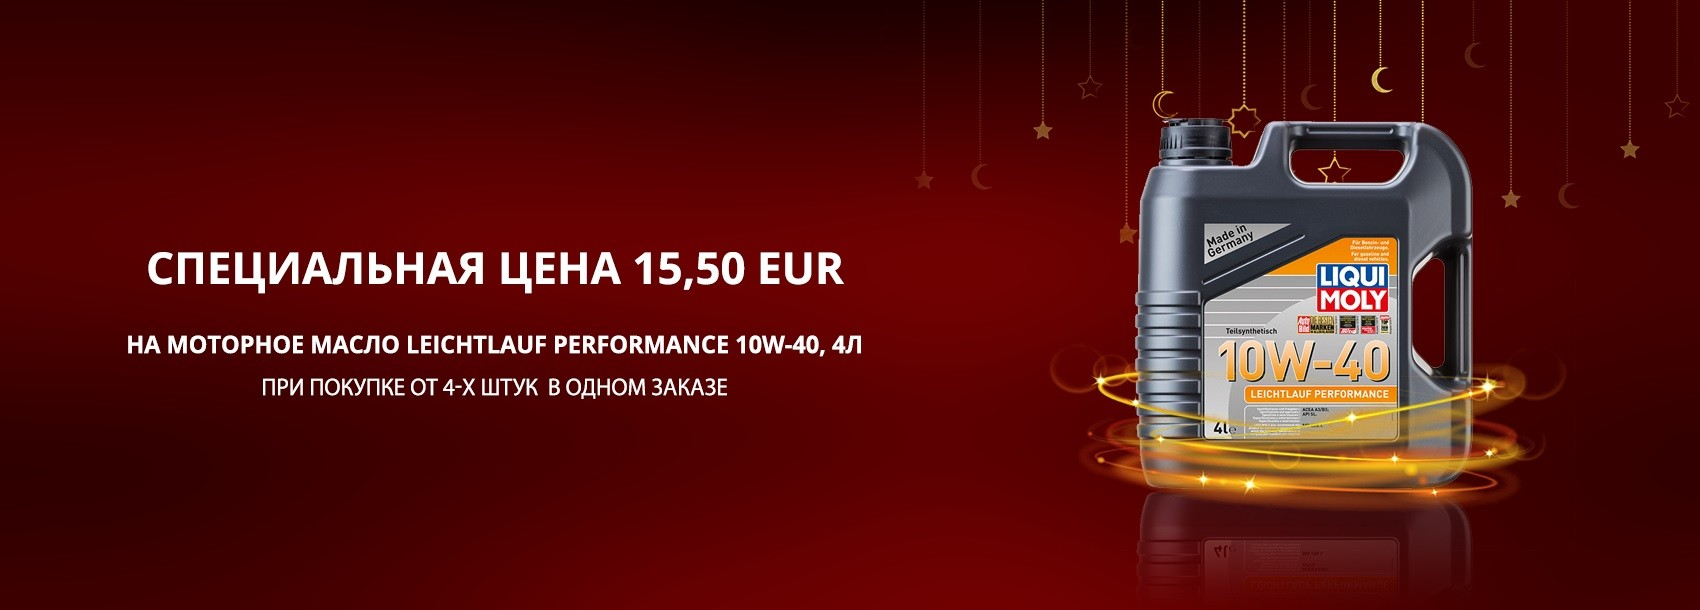 Liqui Moly Leichtlauf Performance 10W-40 по специальной цене